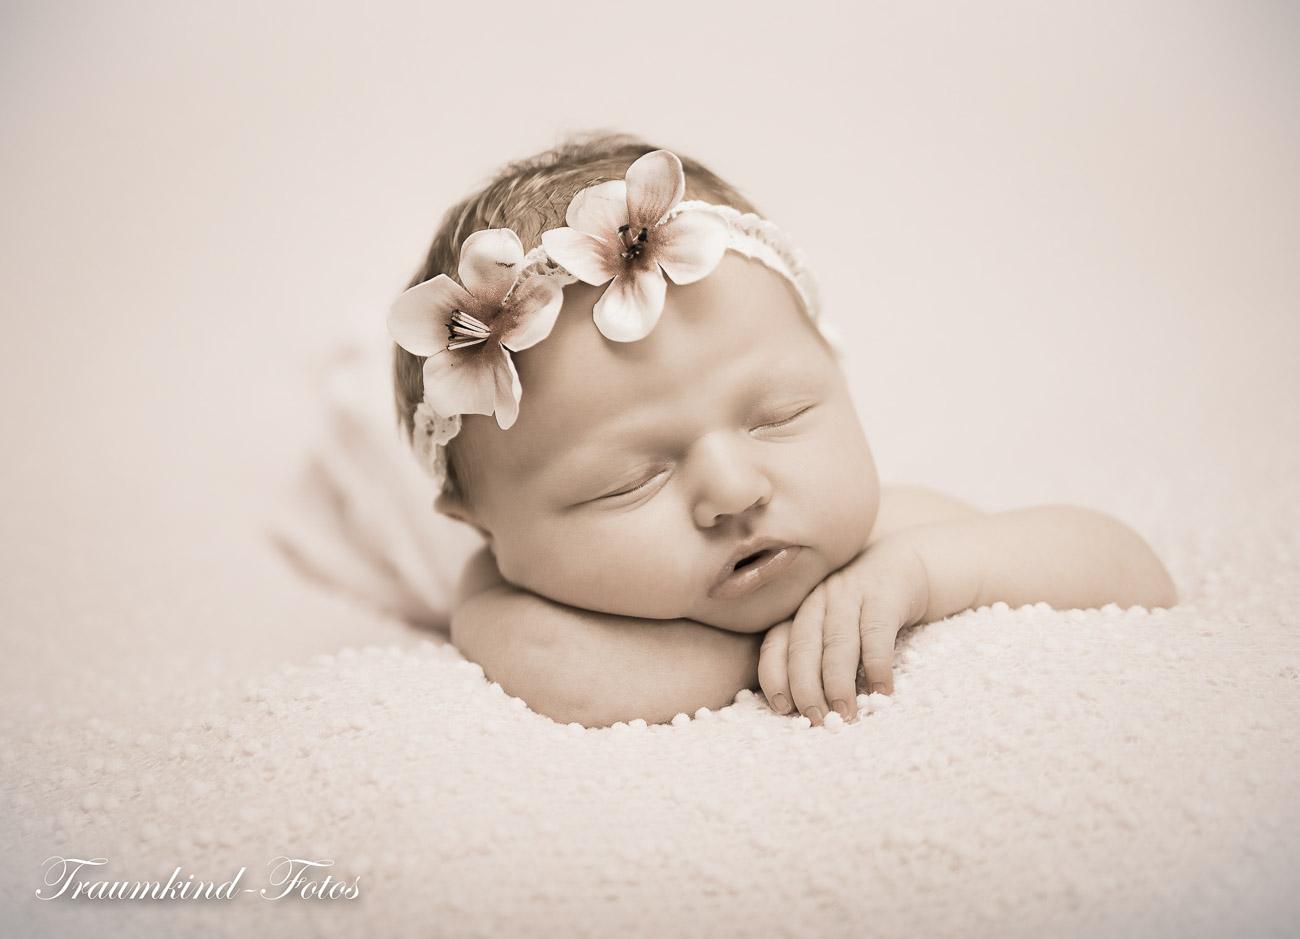 Traumkind Fotos Babyfotos Fotos Essen 8 - Babyfotos